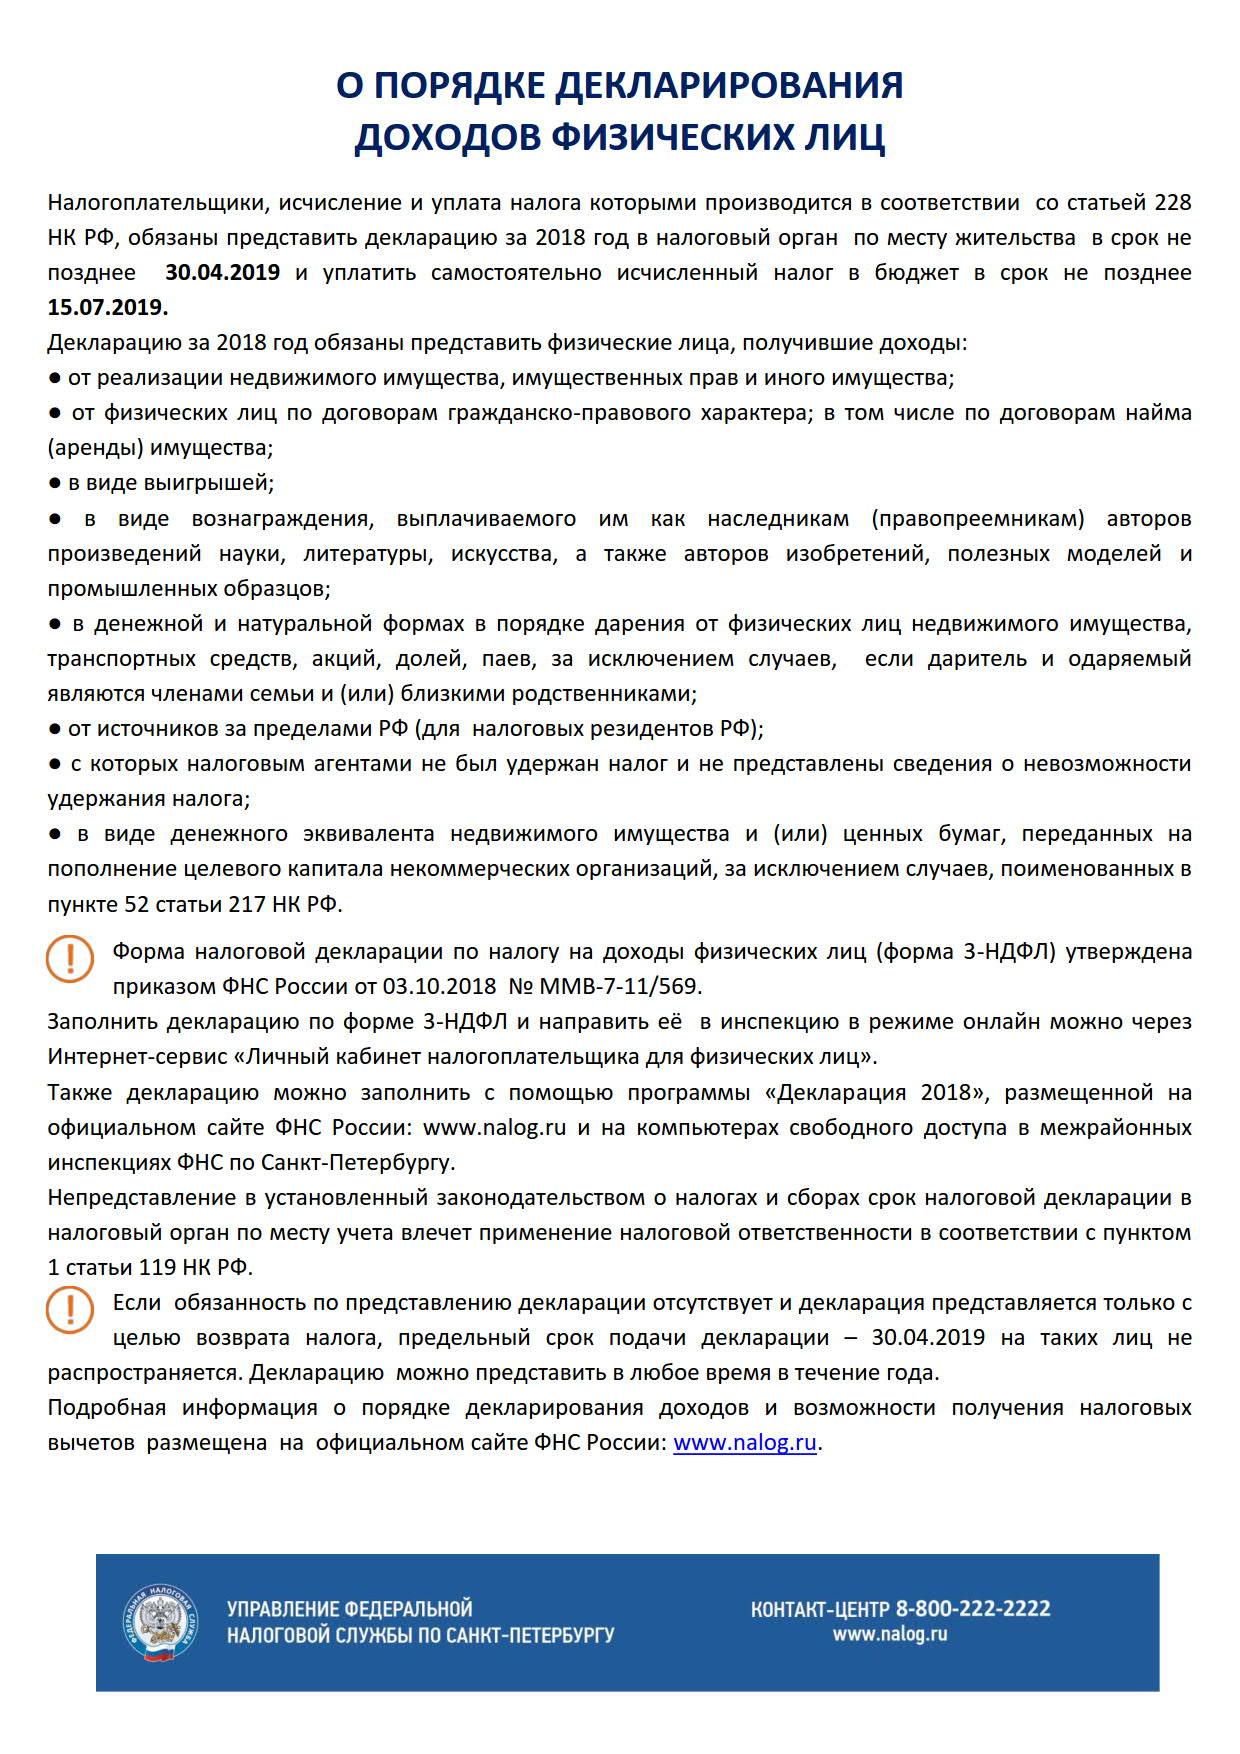 Декларирование_2019 в организации_1